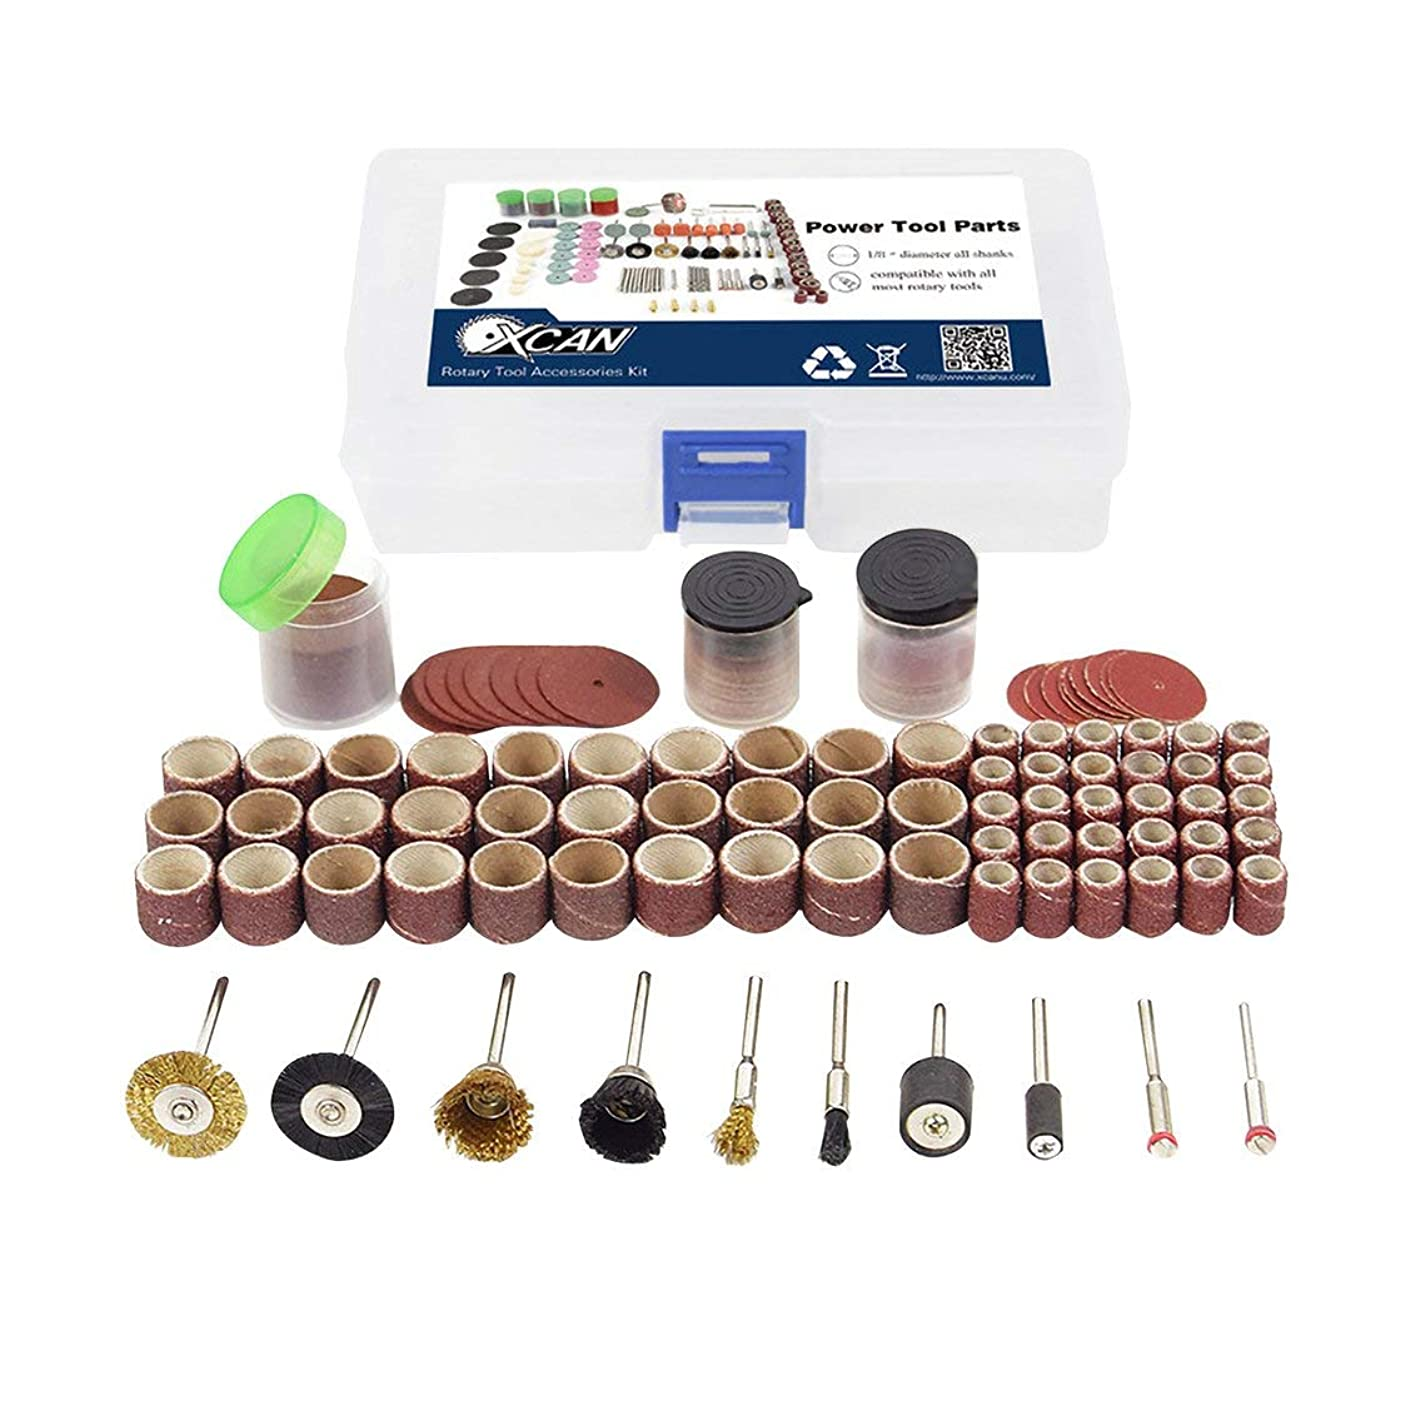 リング司教エスカレーター150ピースロータリーパワーツール切削ディスクマンドレルサンディングドラムドリルグラインダー研磨キット多機能木工修復ツール(多色) (Rustle666)